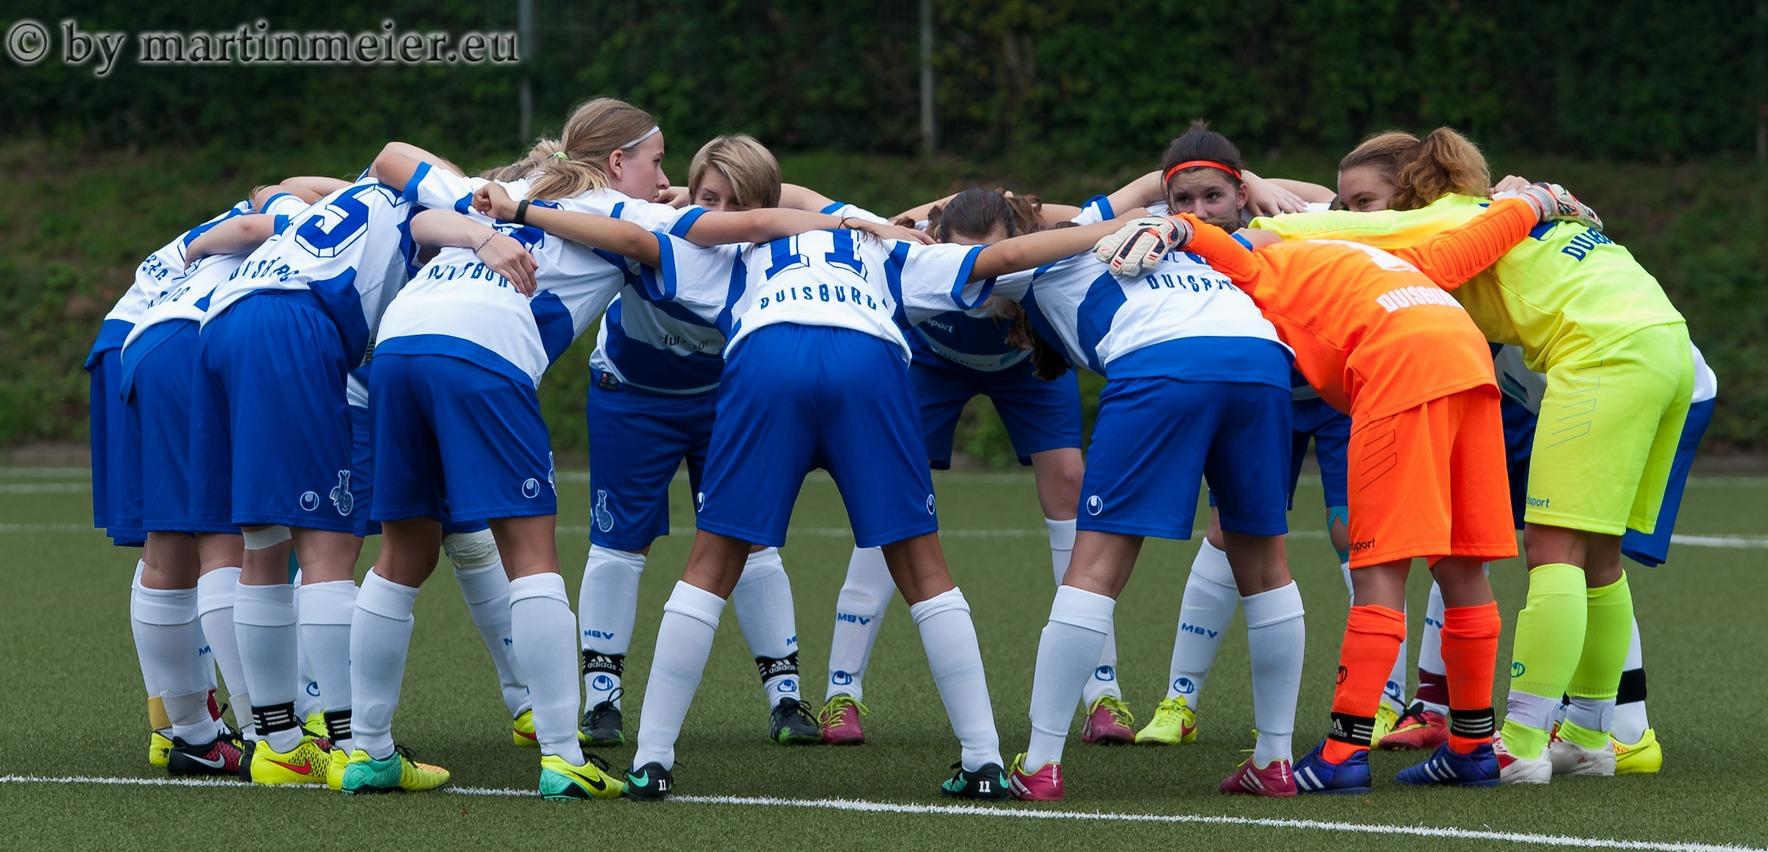 Stehen zusammen - Die U15 Mädchen lieferten gegen die SVG Neuss-Weissenberg ein Riesen-Comback ab und drehten eine verloren geglaubte Partie